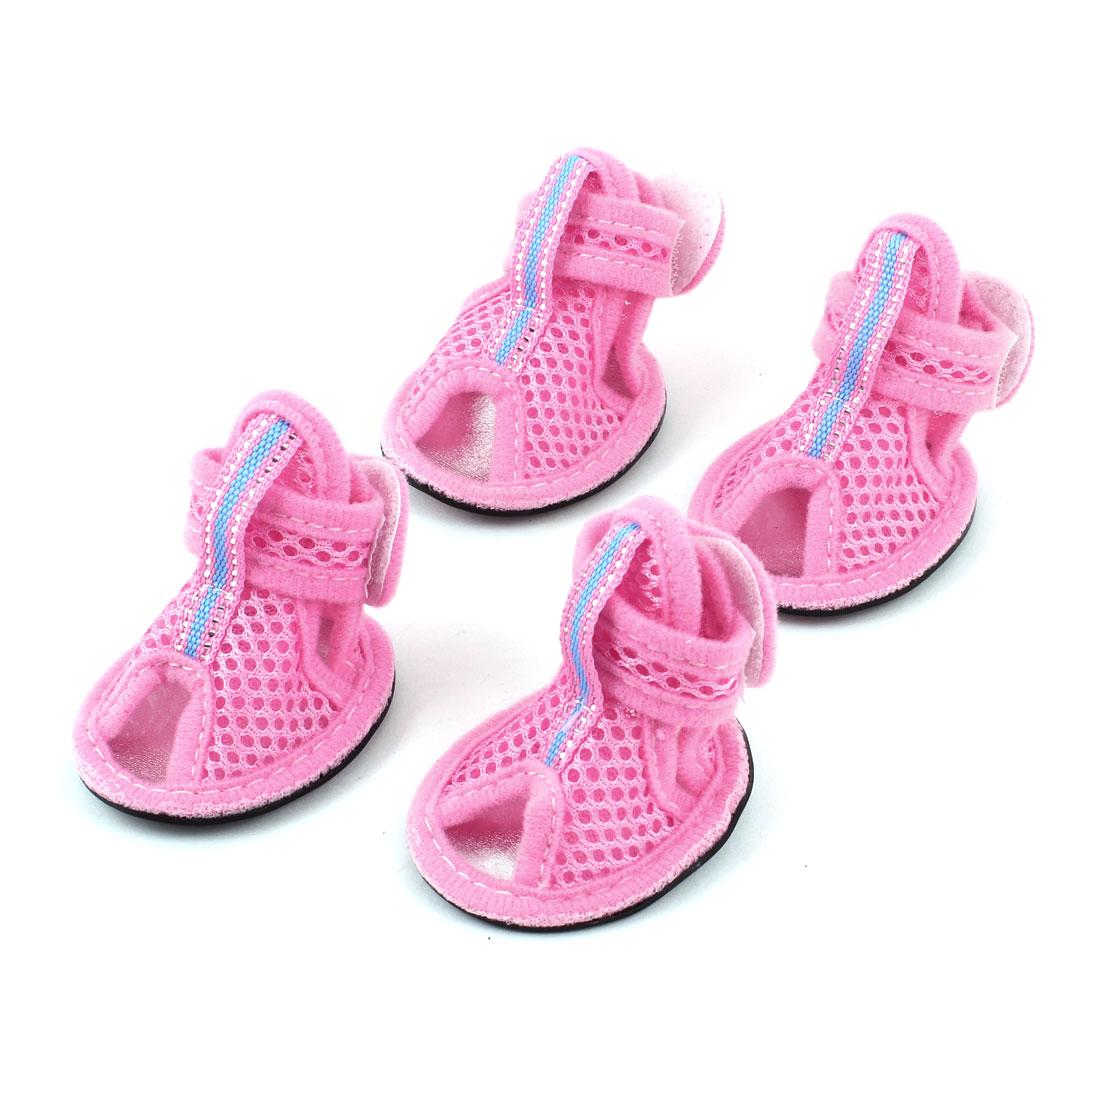 2 Pairs Black Rubber Sole Pink Mesh Sandals Dog Shoes Sz M